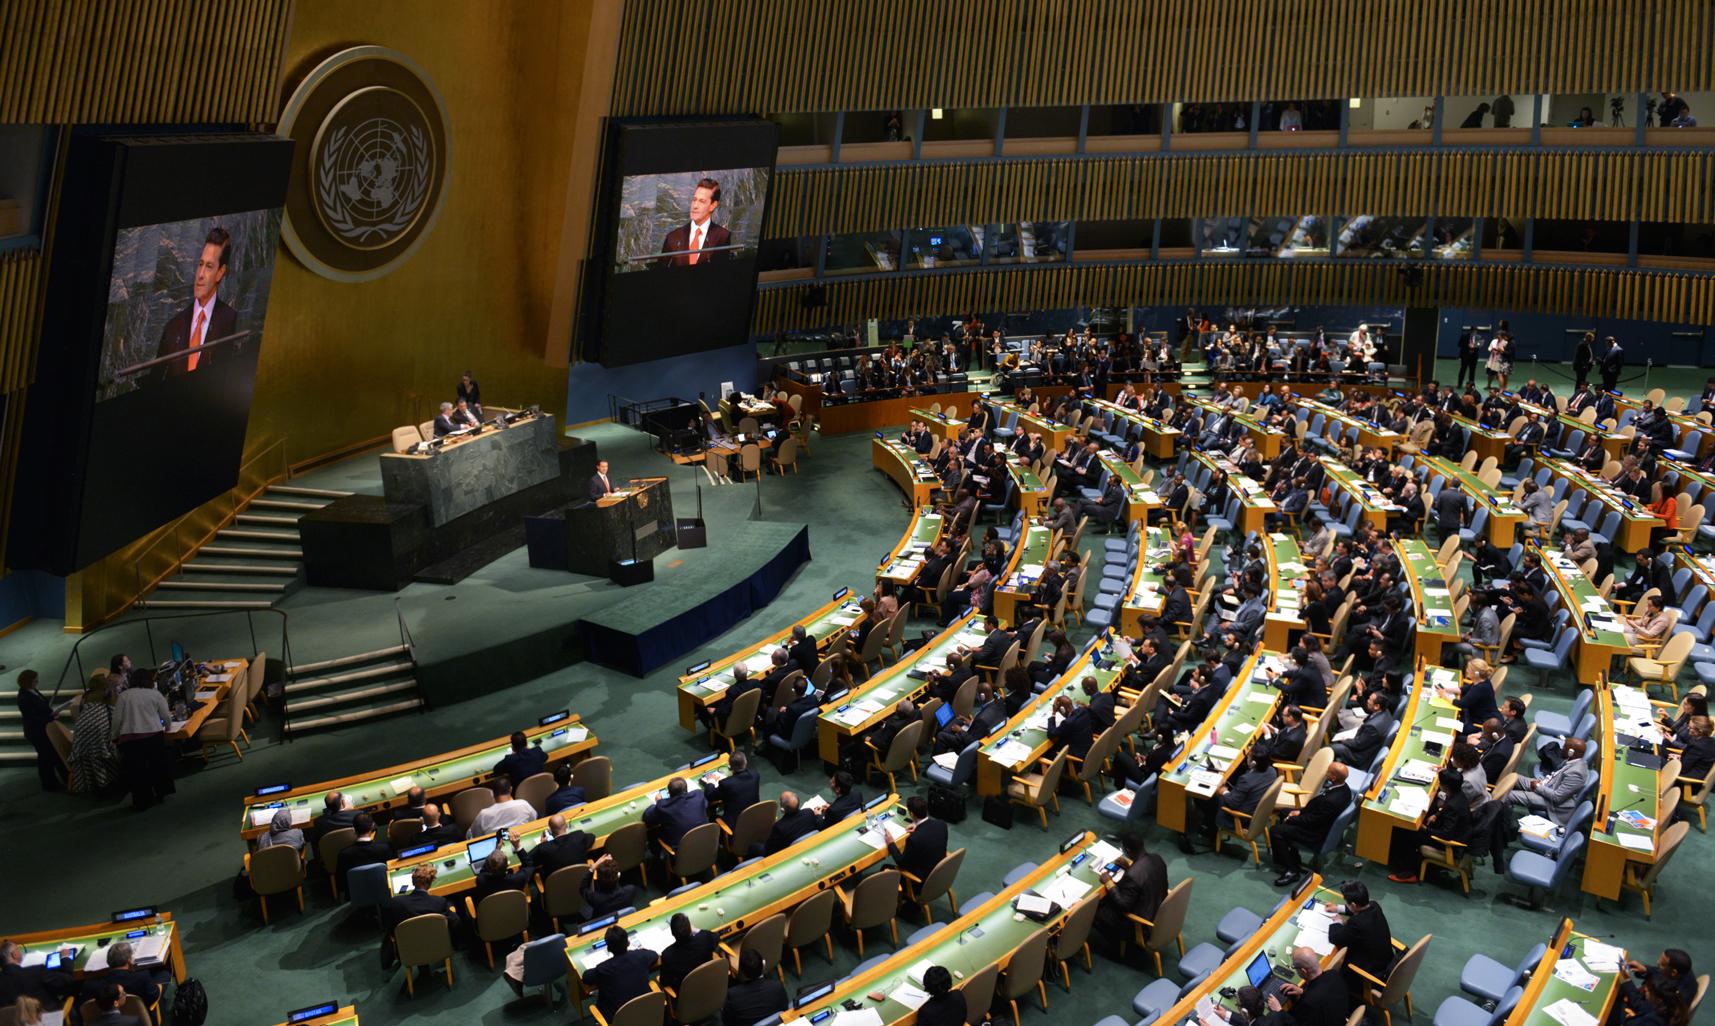 El Mandatario mexicano habla ante la Asamblea de las Naciones Unidas sobre el tema de las drogas, en la ciudad de Nueva York.